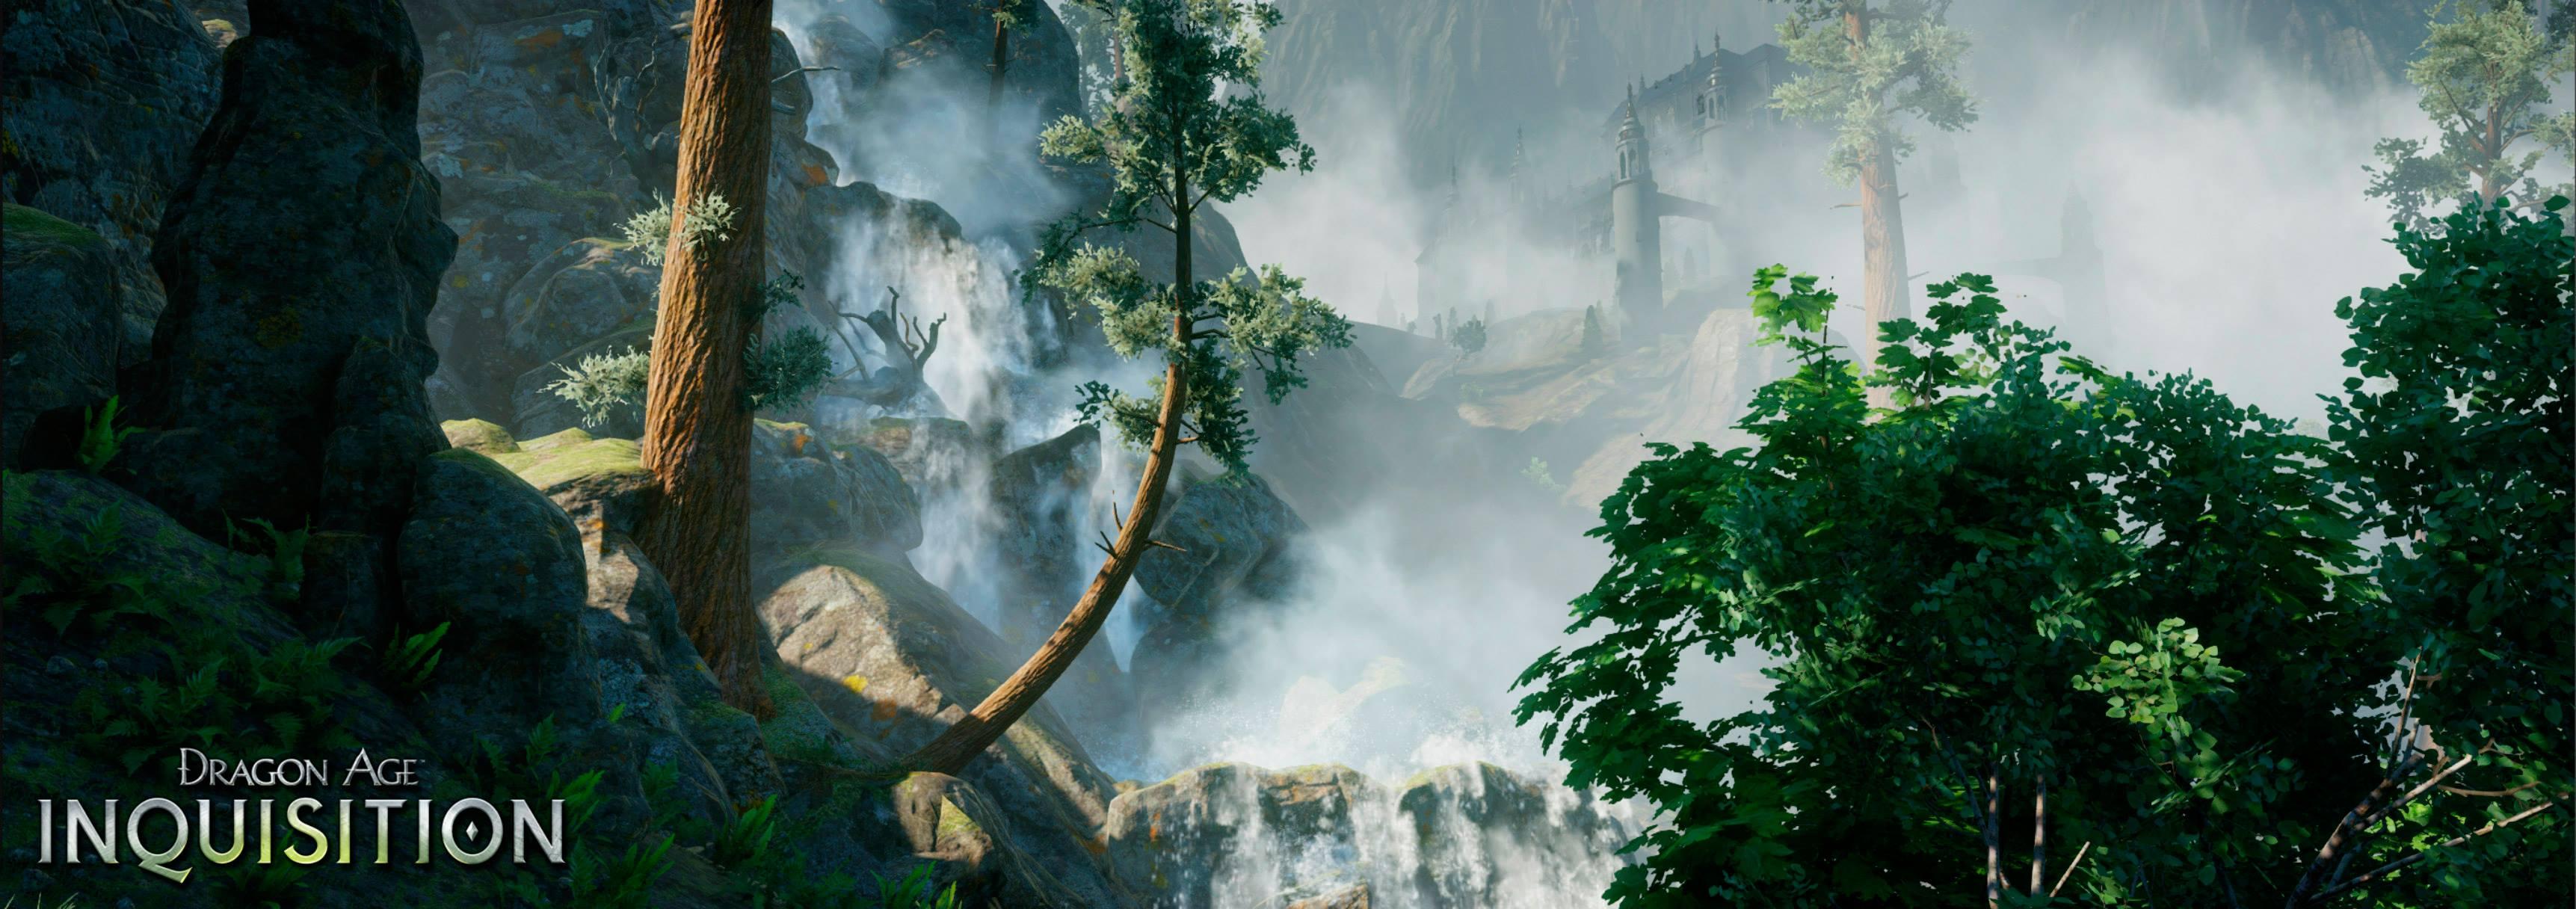 Dragon Age: Inquisition Screenshots Enter Emerald Graves, Empire du Lion #31369